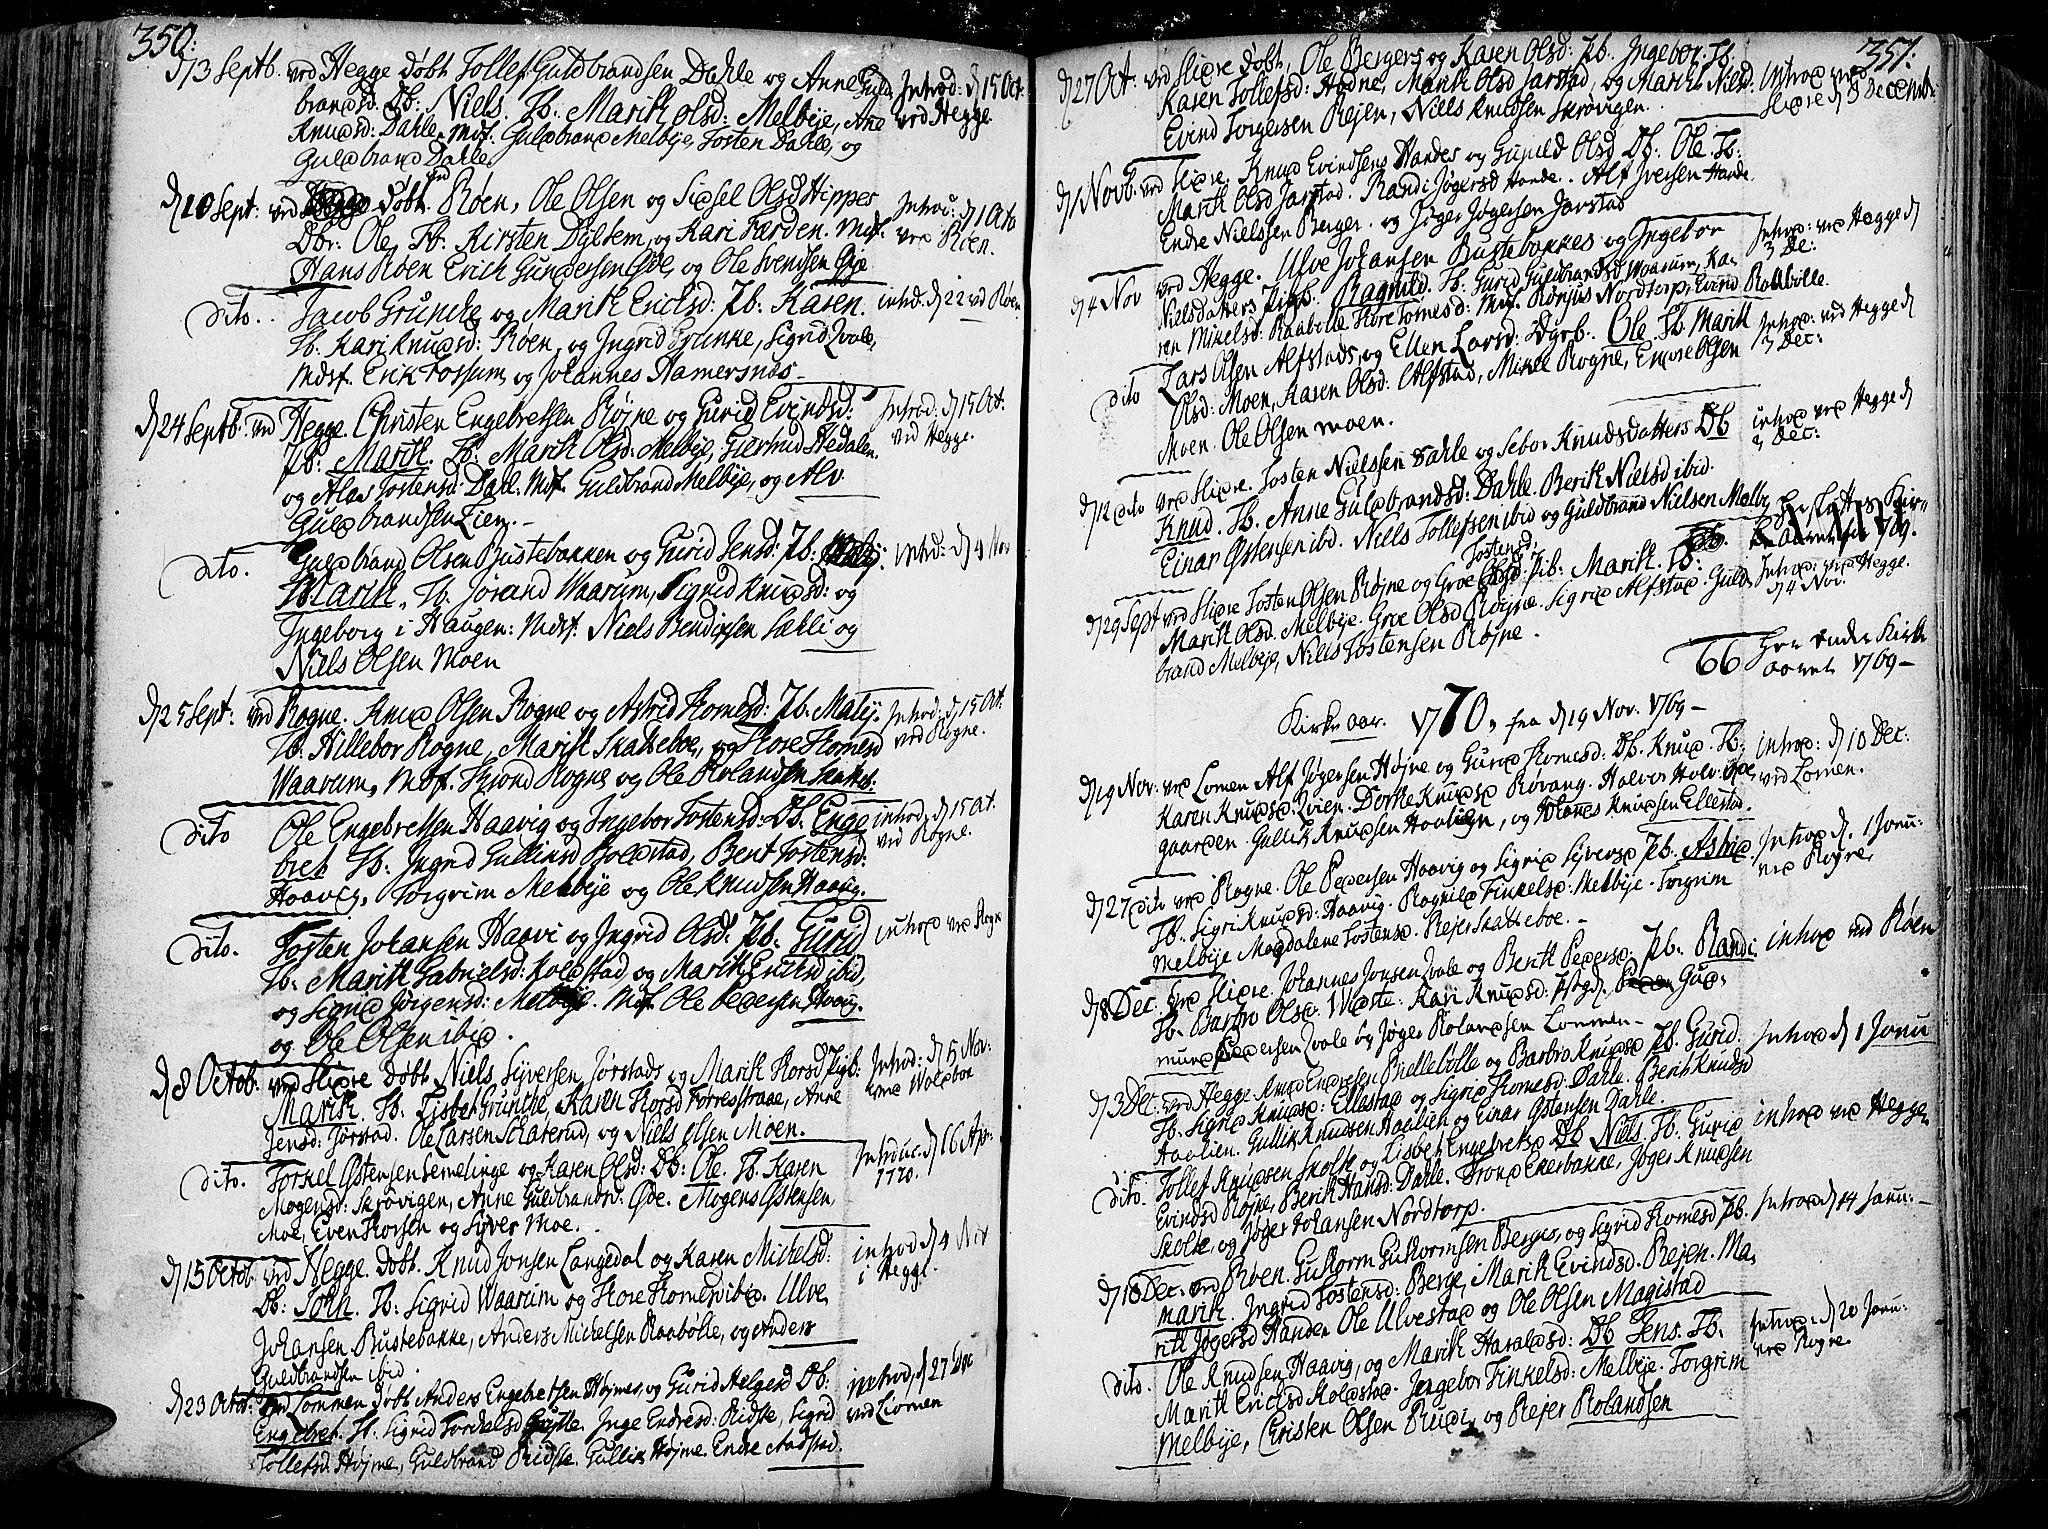 SAH, Slidre prestekontor, Ministerialbok nr. 1, 1724-1814, s. 350-351